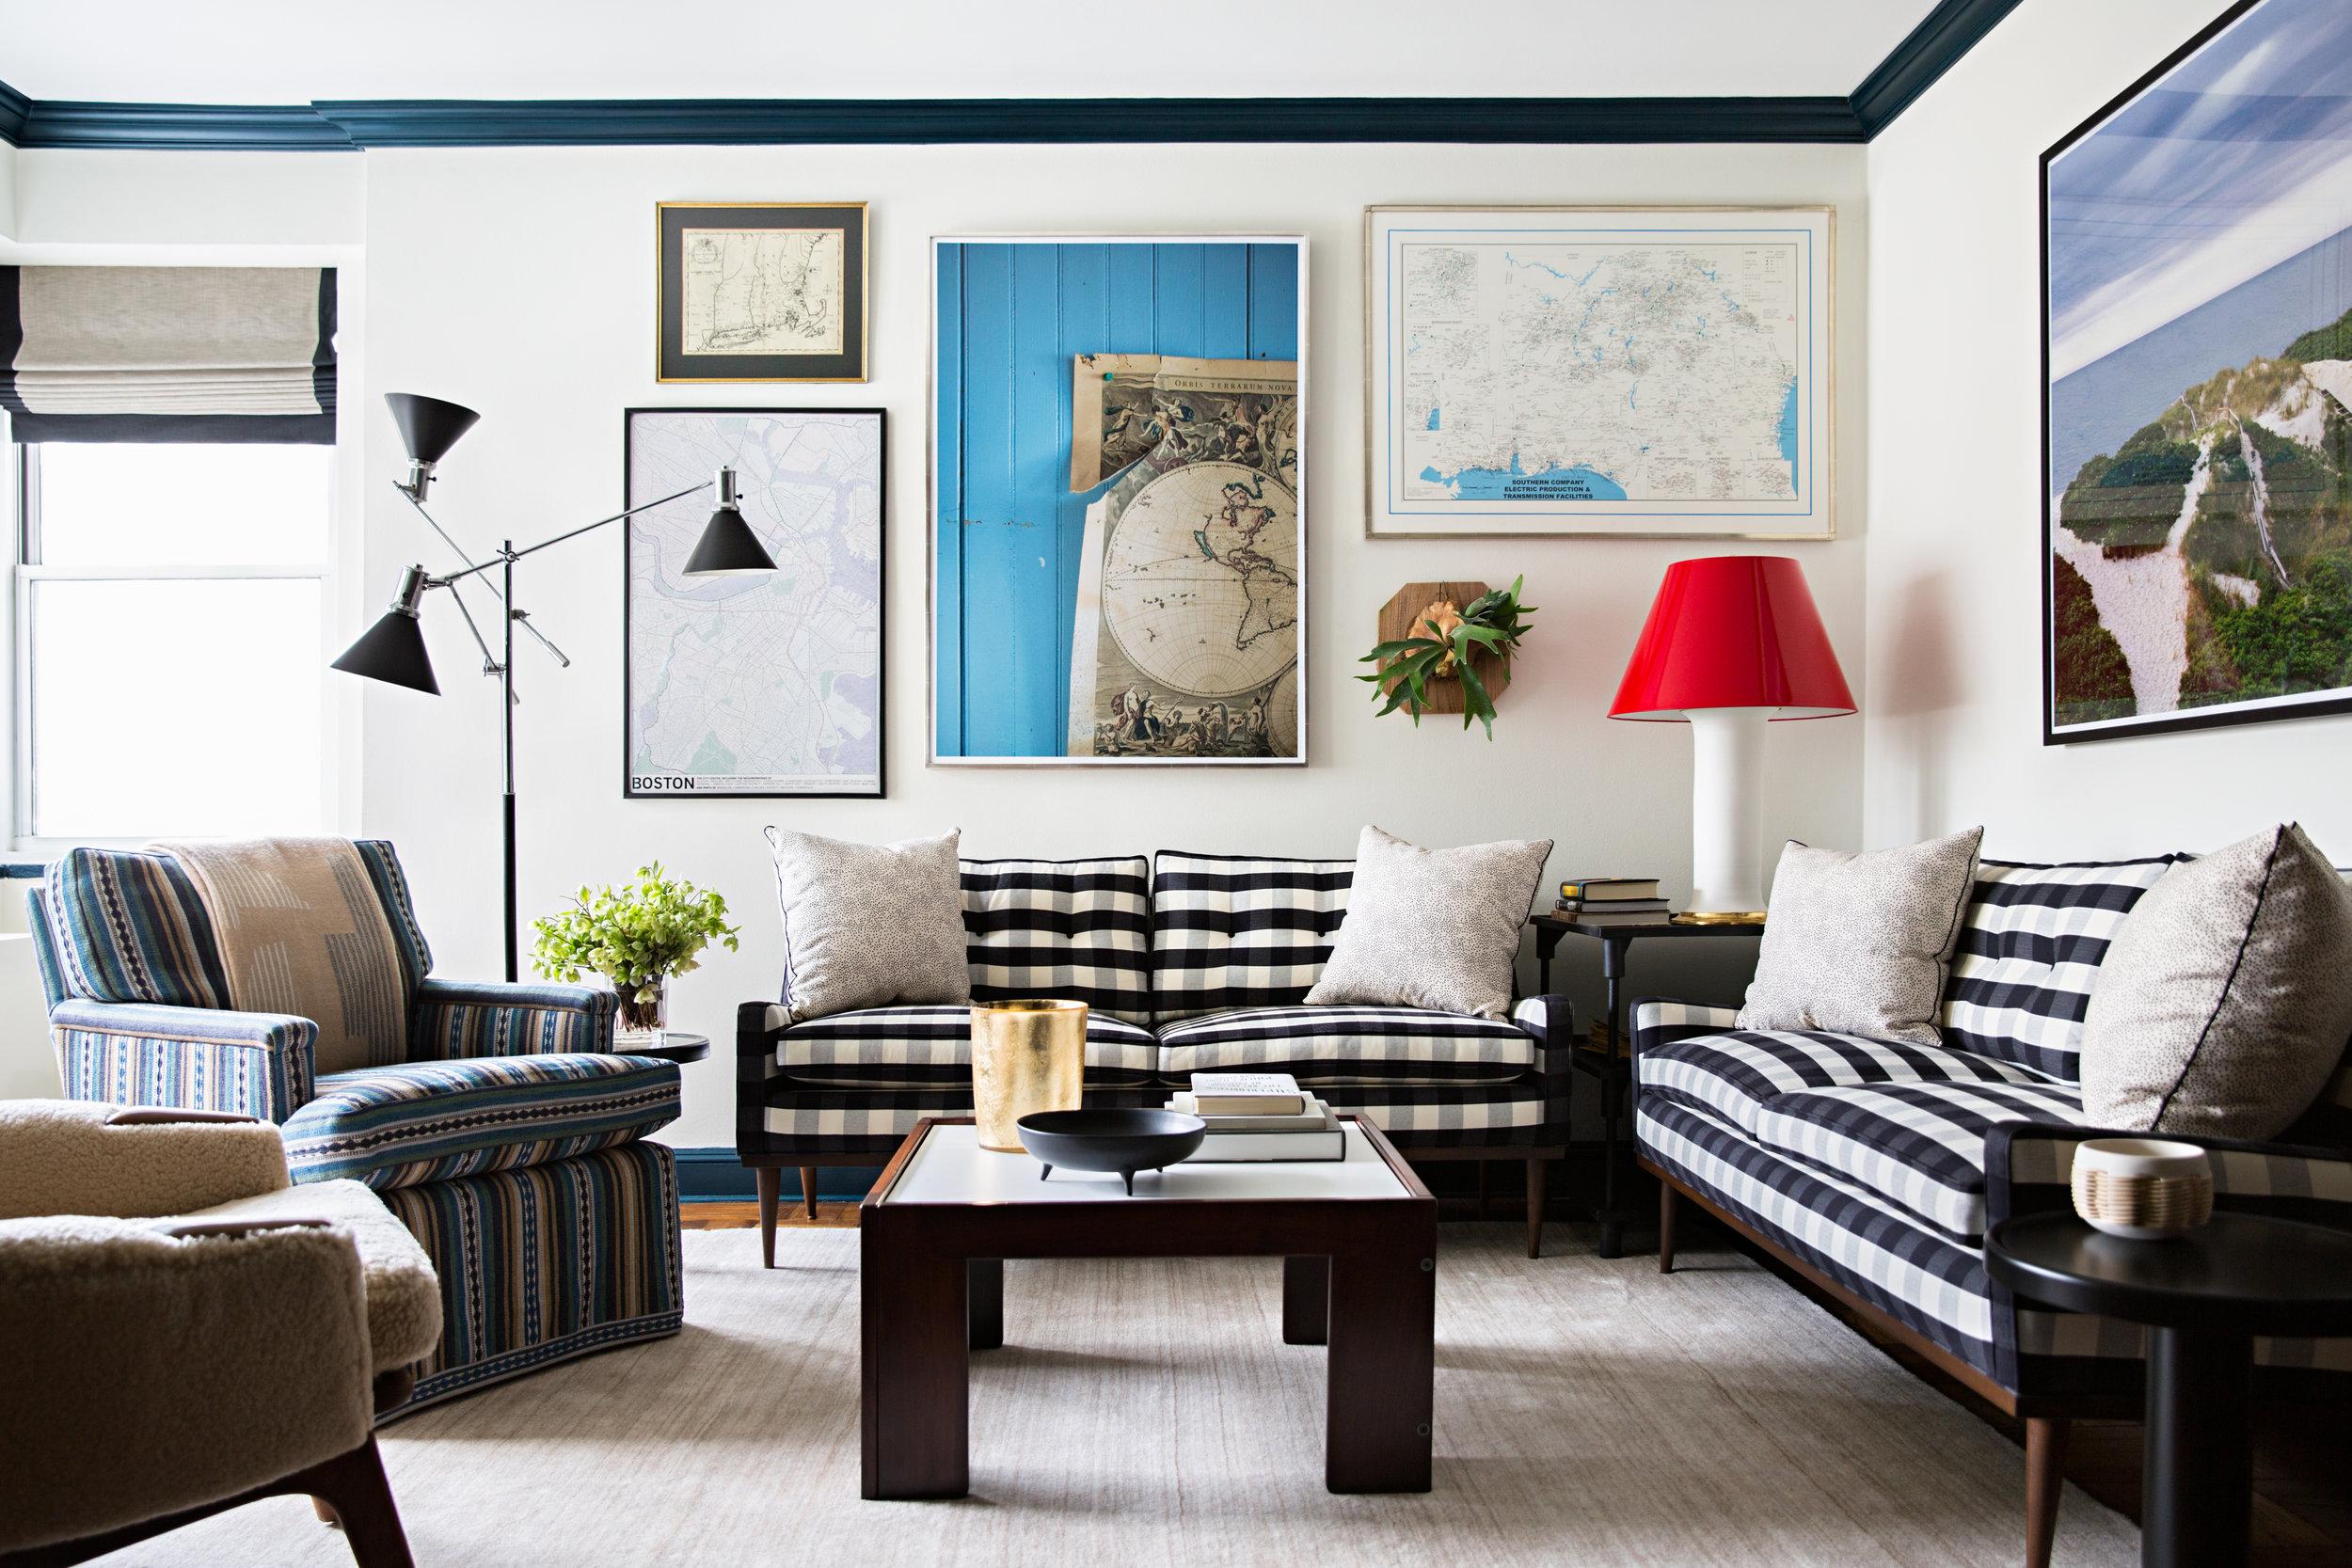 Interior Design by Olasky & Sinsteden | Architectural Digest